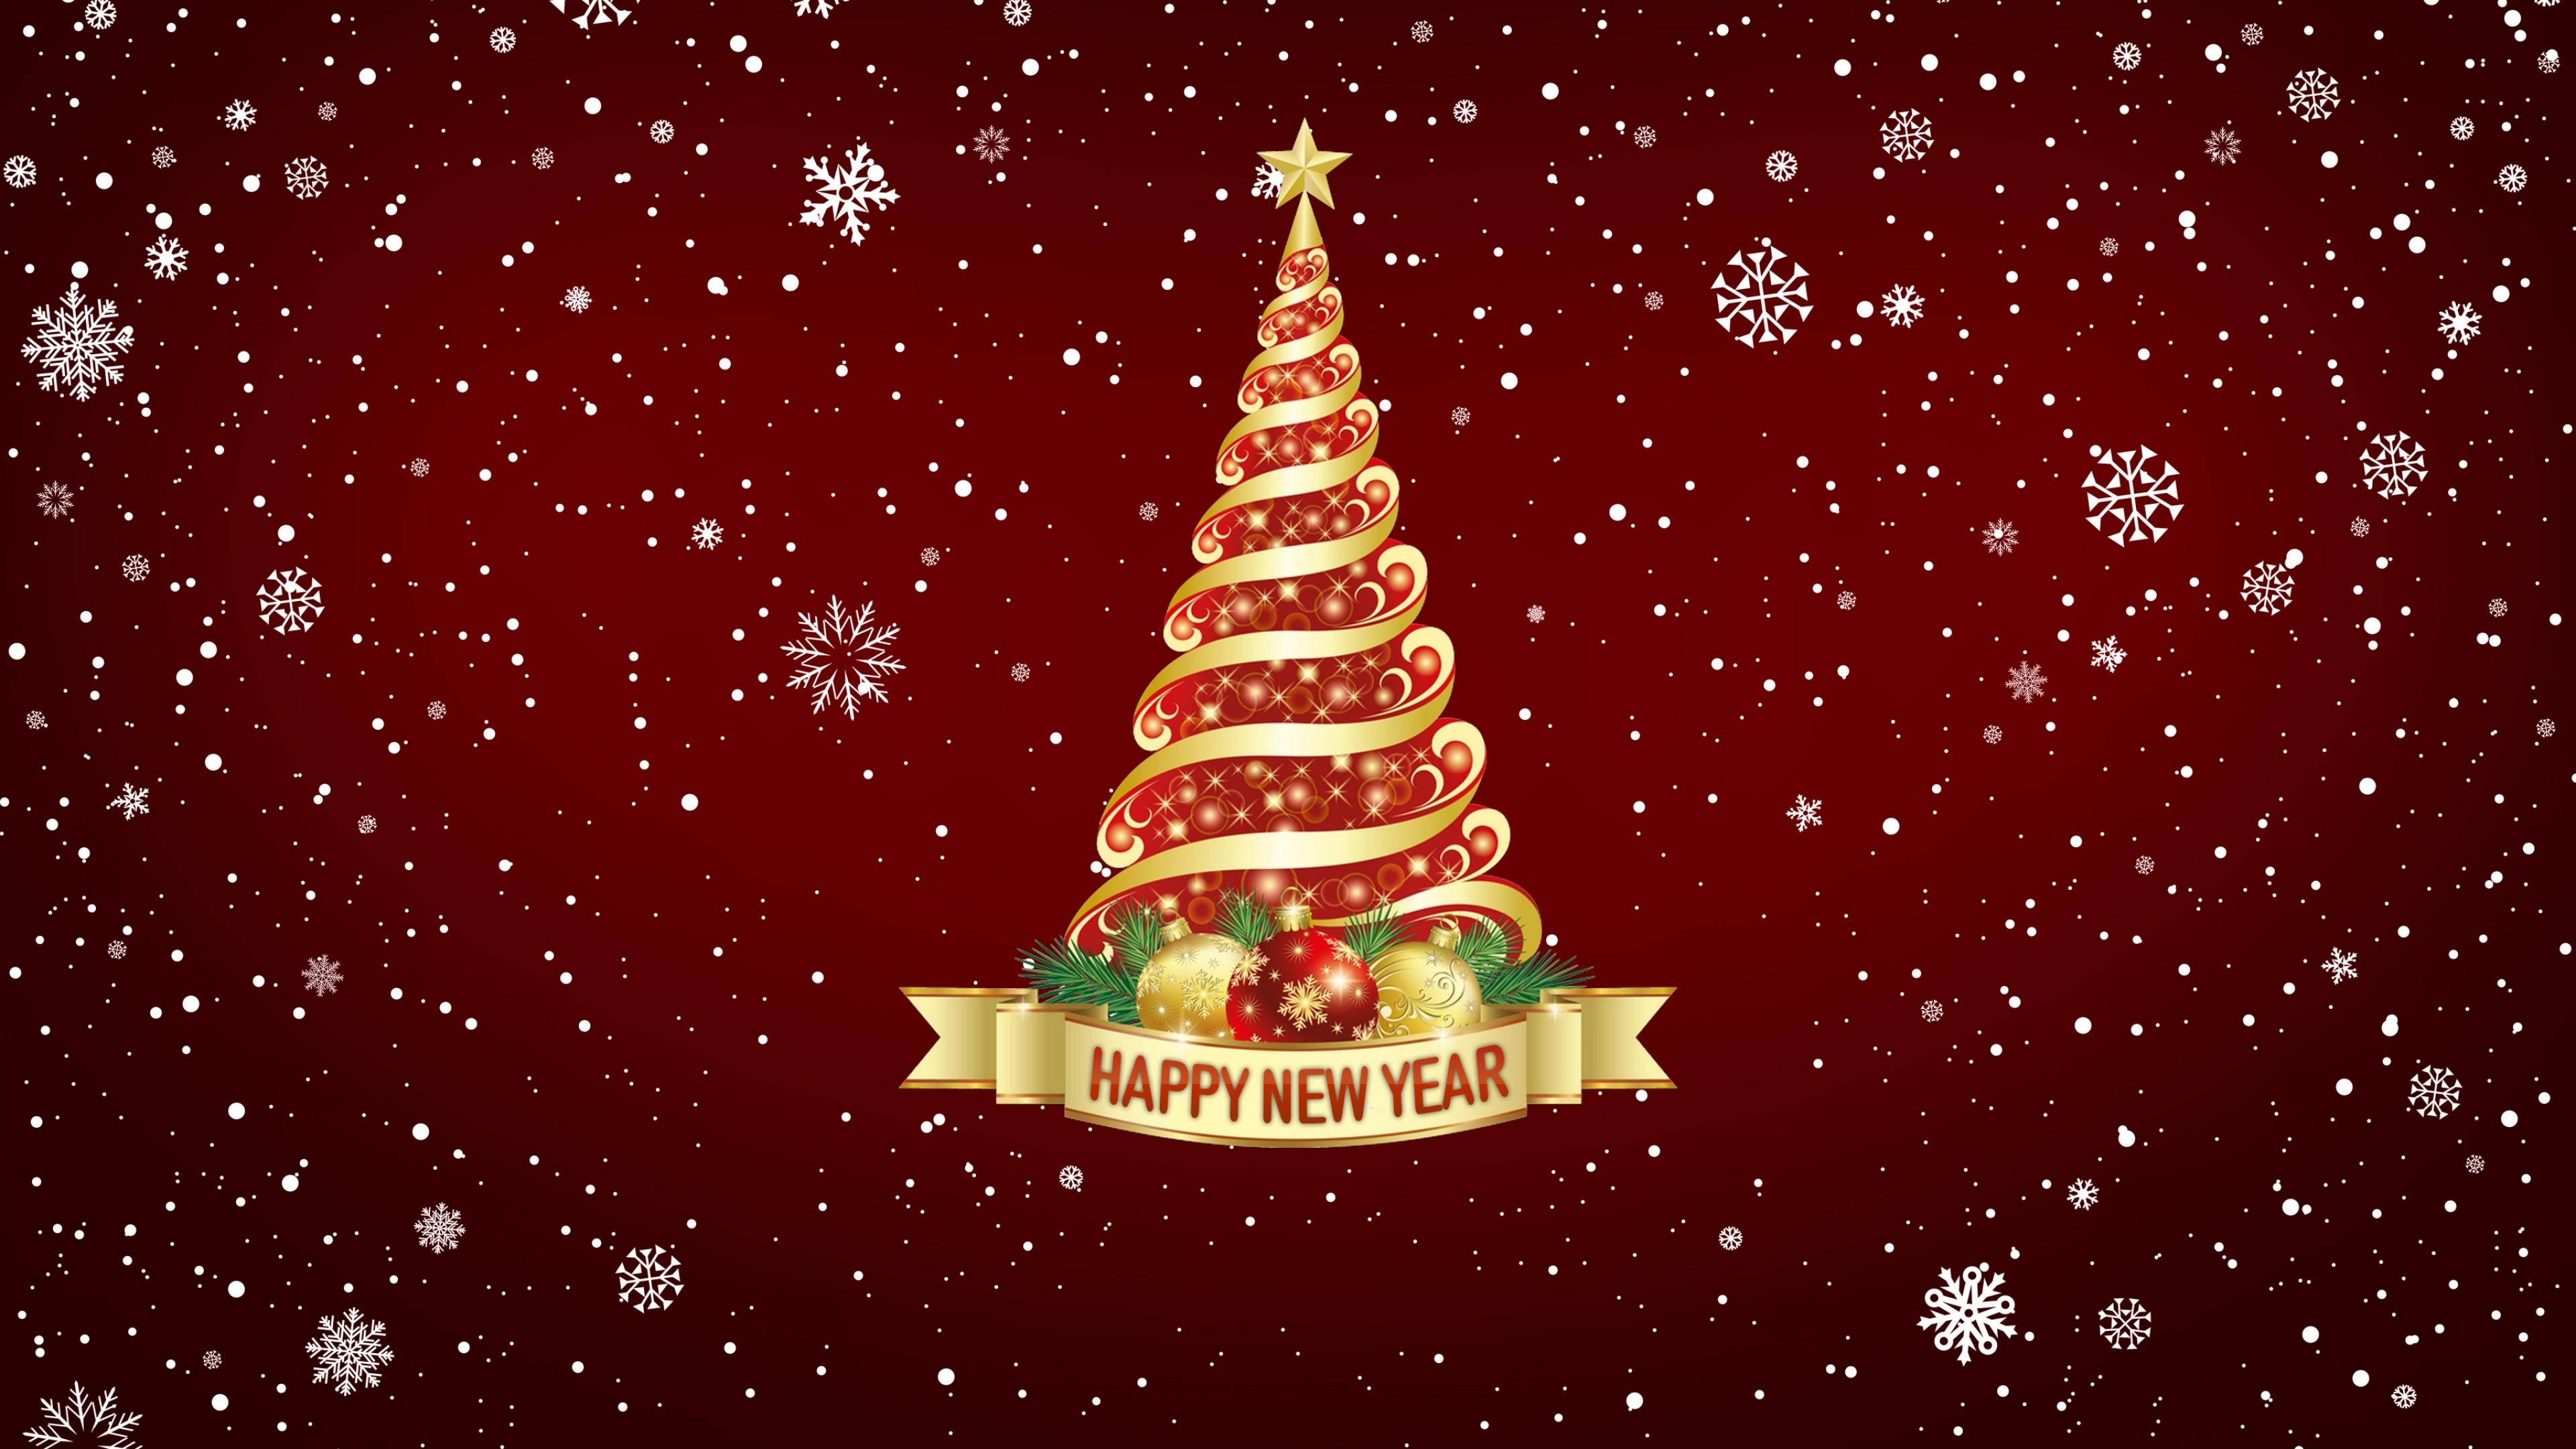 Нарядная елка на фоне сказочной Новогодней ночи с блестящими снежинками и звездами